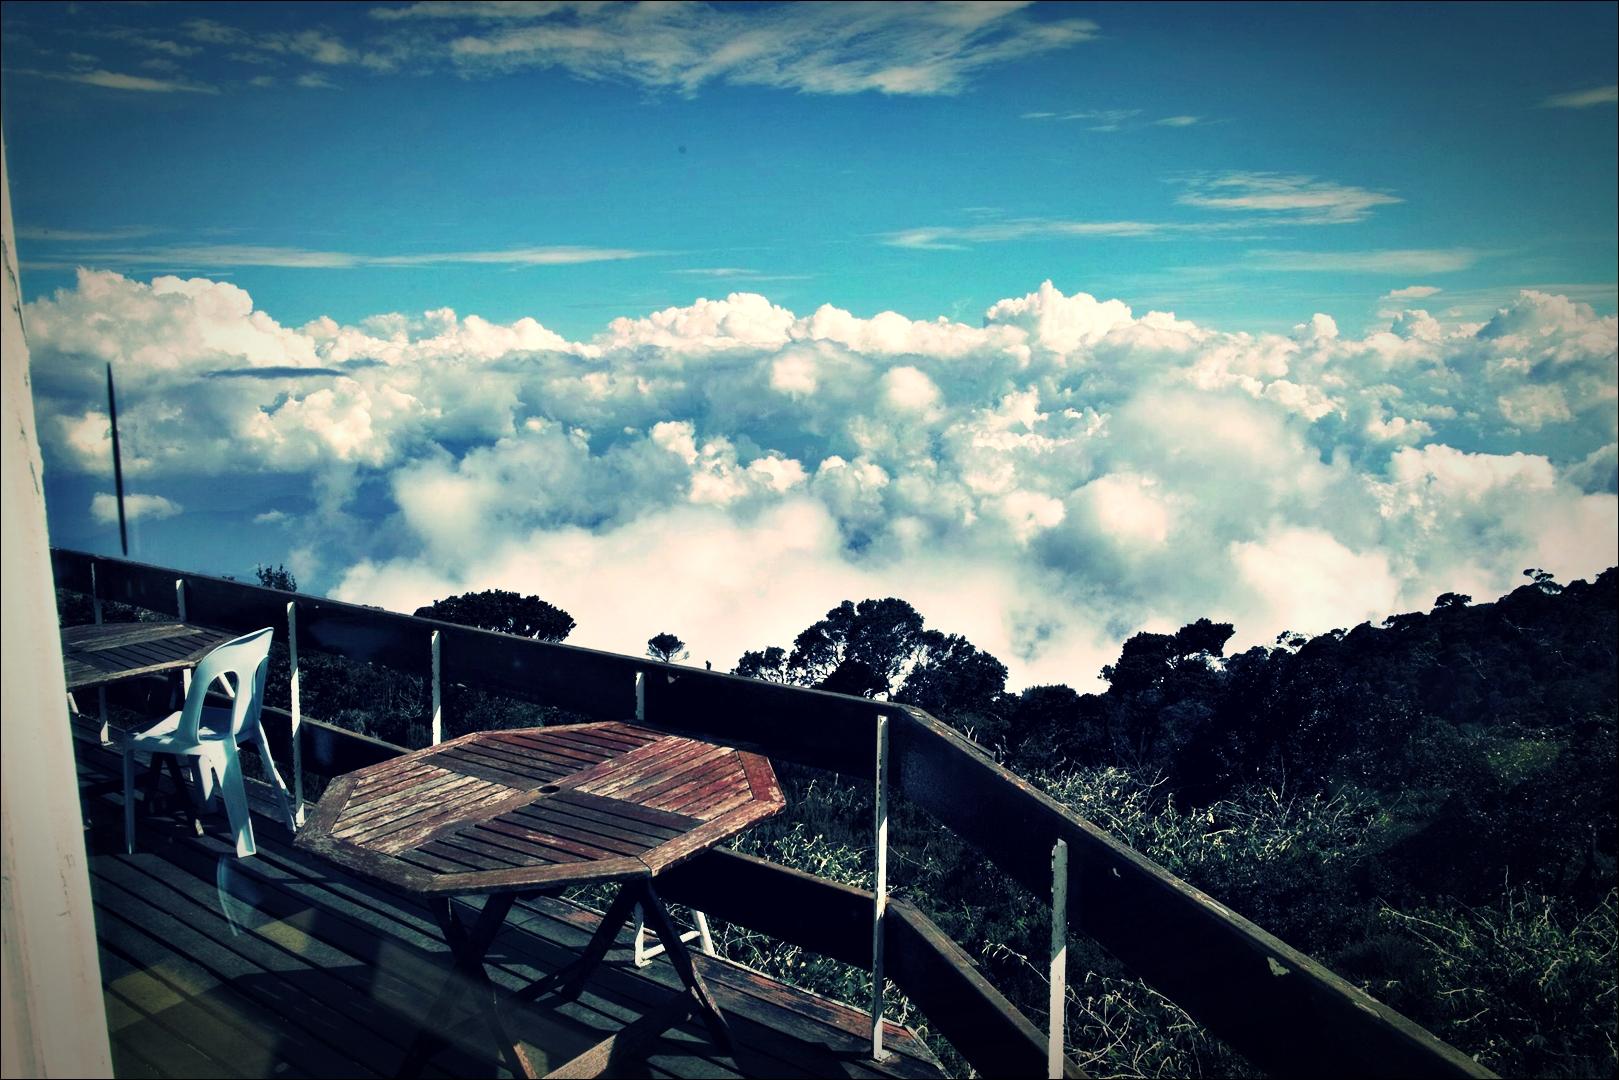 라반라타 산장 테라스-'키나발루 산 등정 Climbing mount Kinabalu Low's peak the summit'